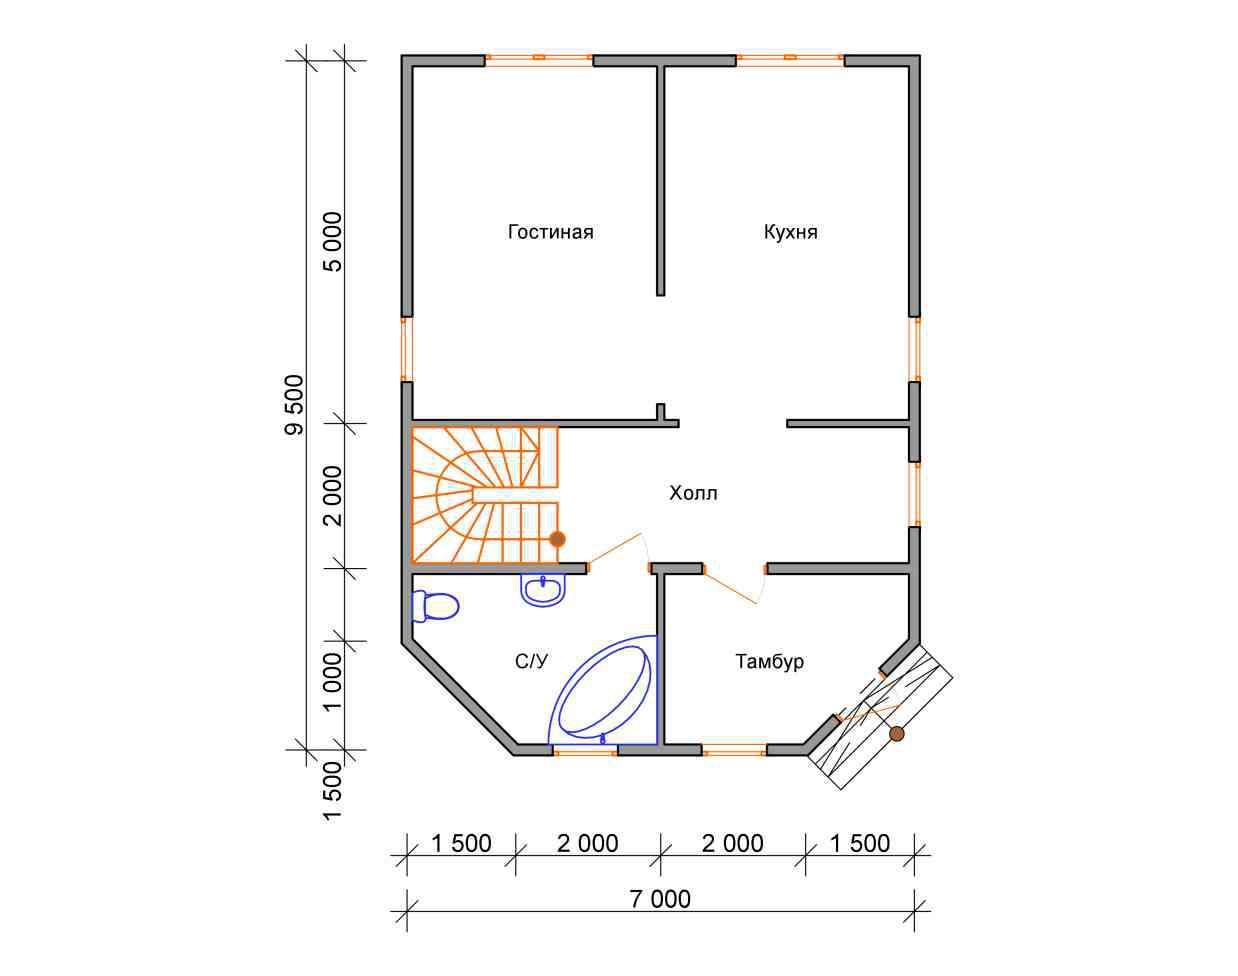 дом из бруса 7 на 9,5 план 1 этажа григорьевское